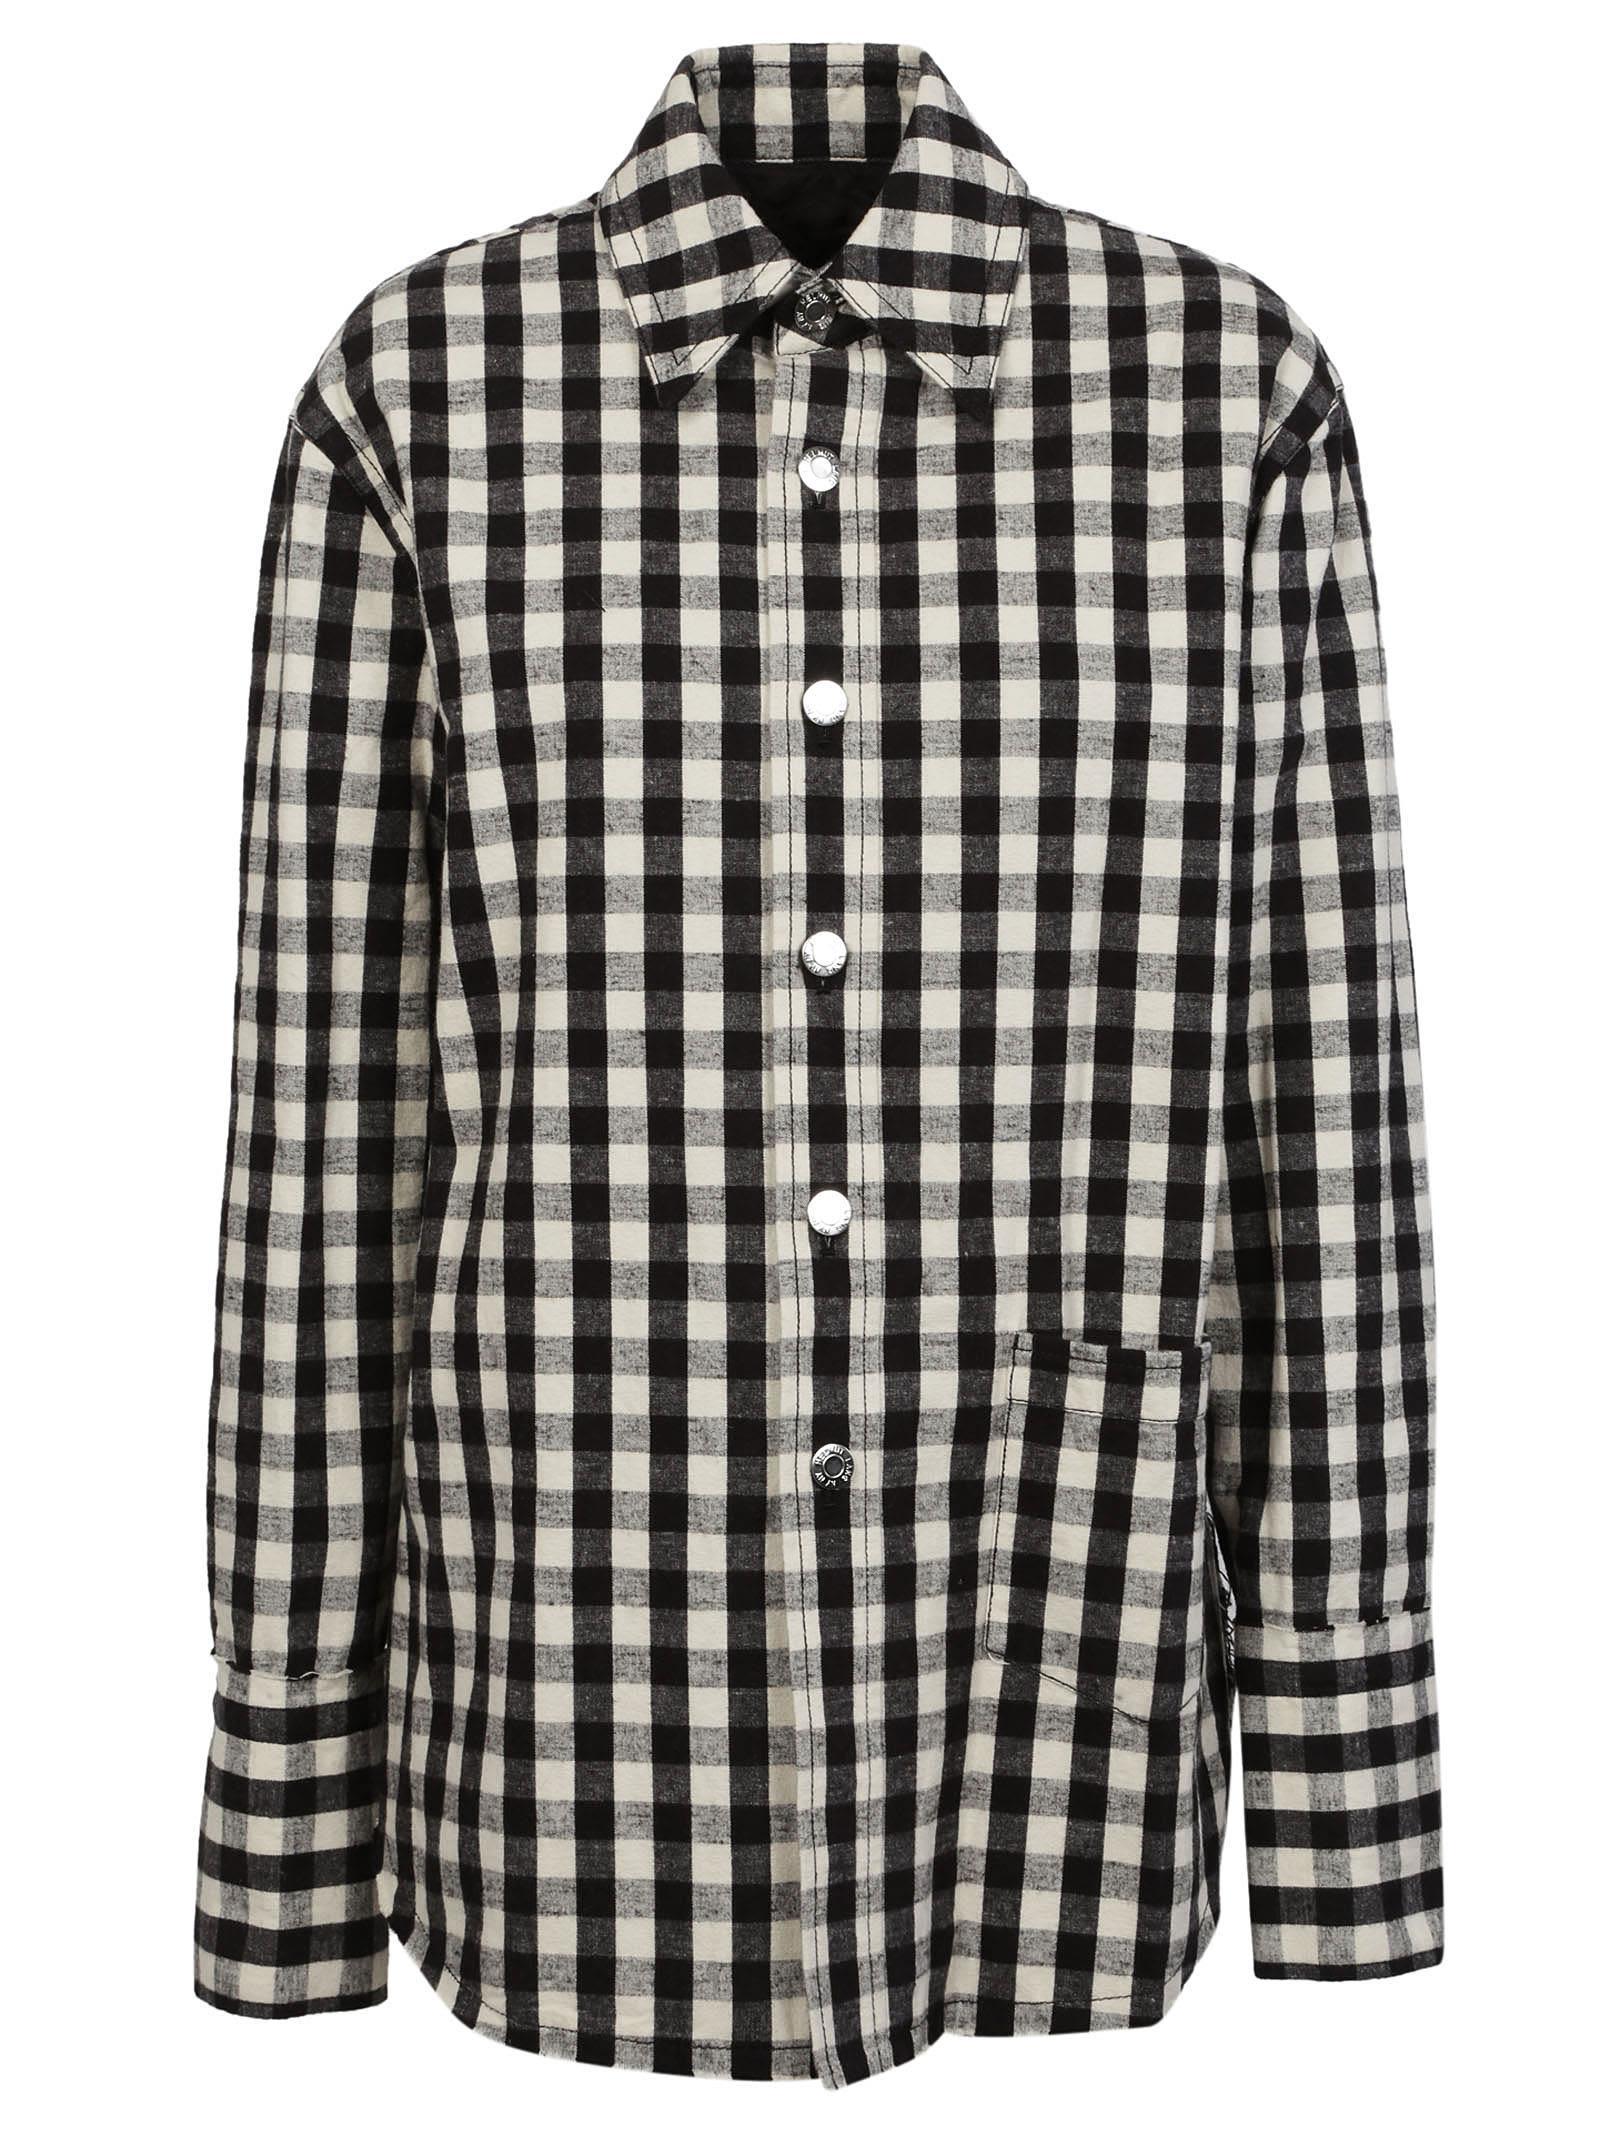 Helmut Lang Oversized Gingham Shirt